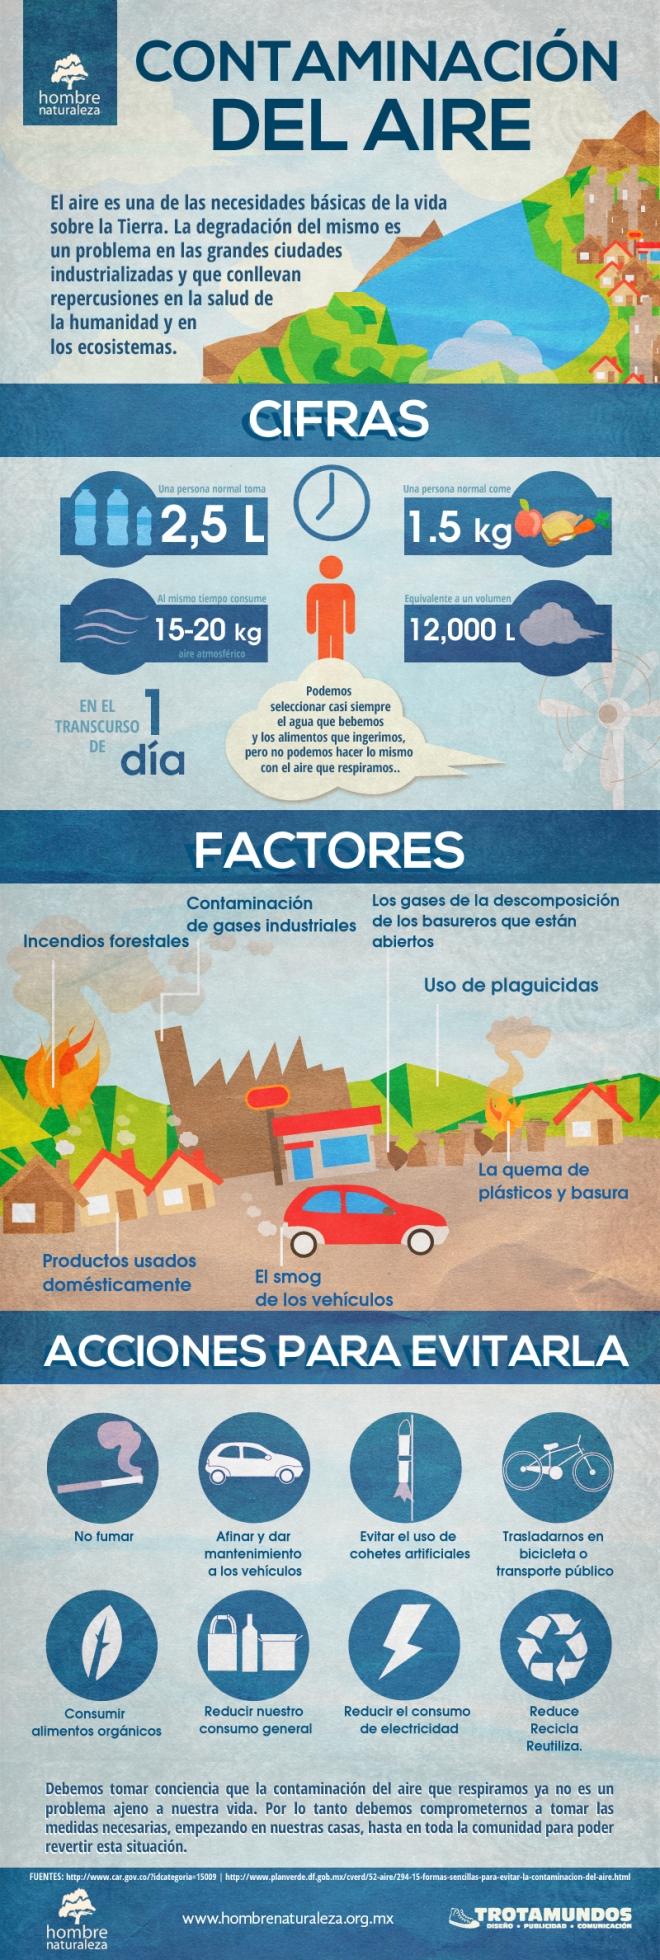 Infografía Contaminación del aire